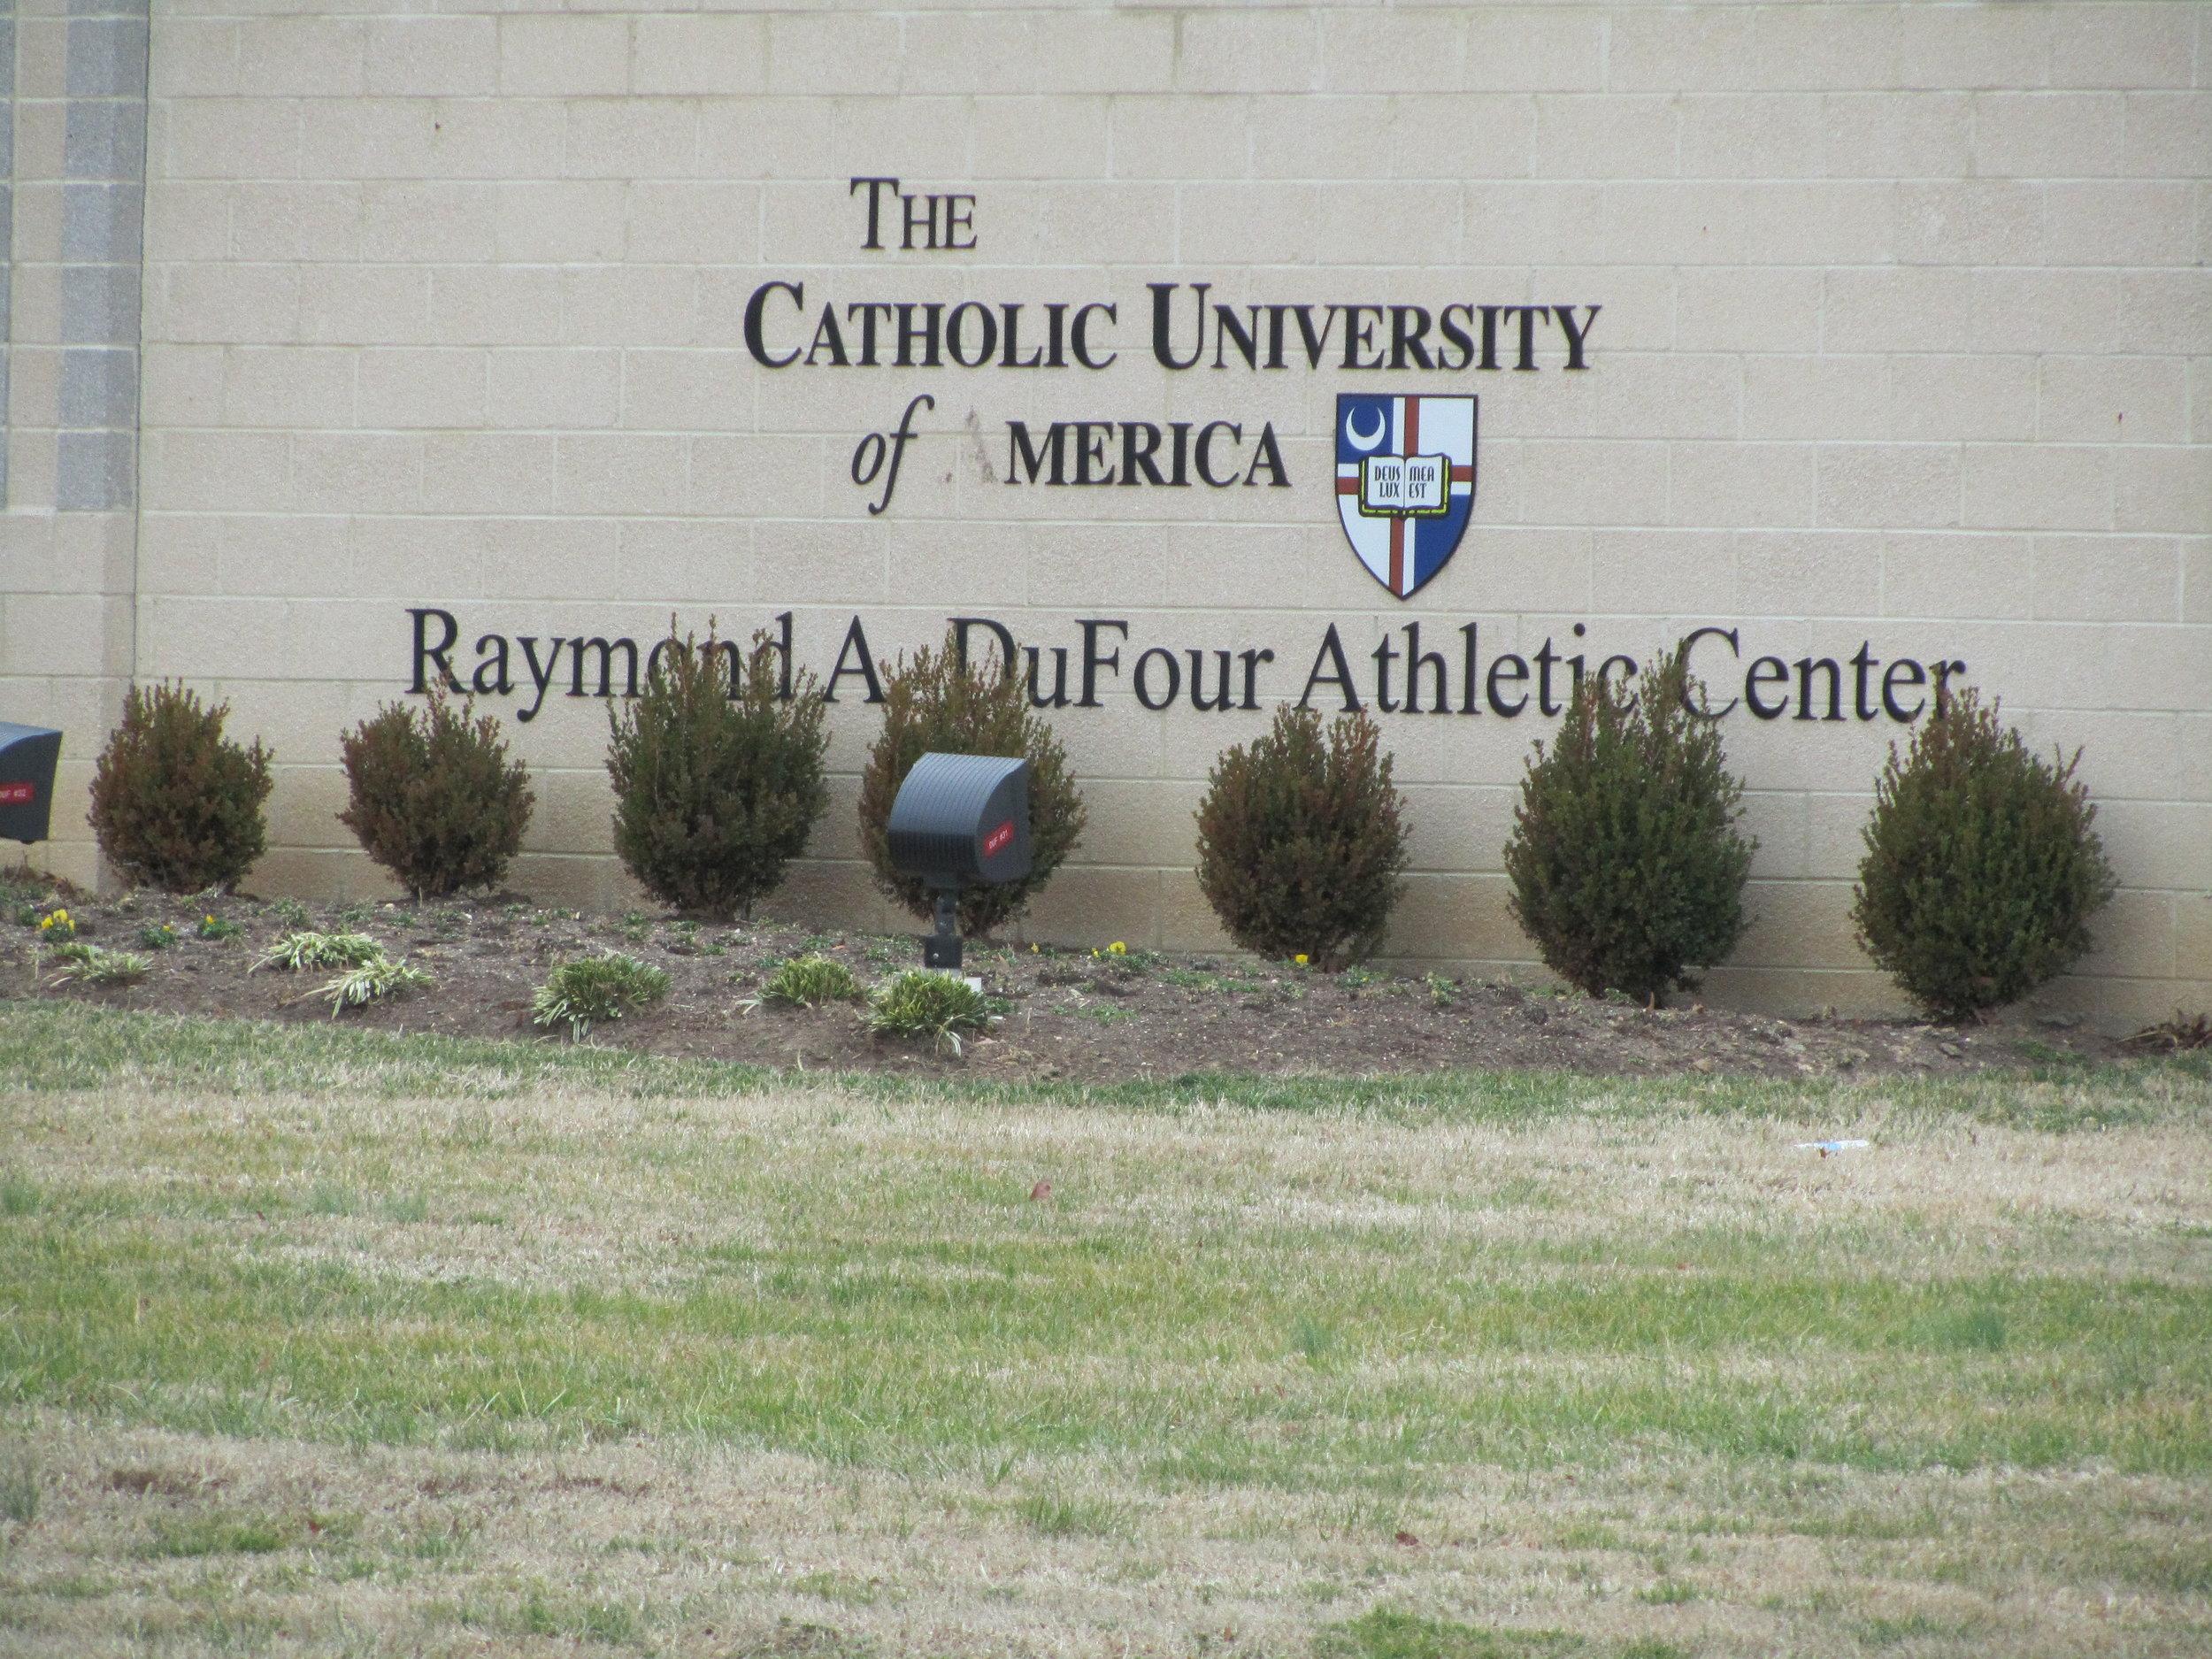 Catholic University of America sign